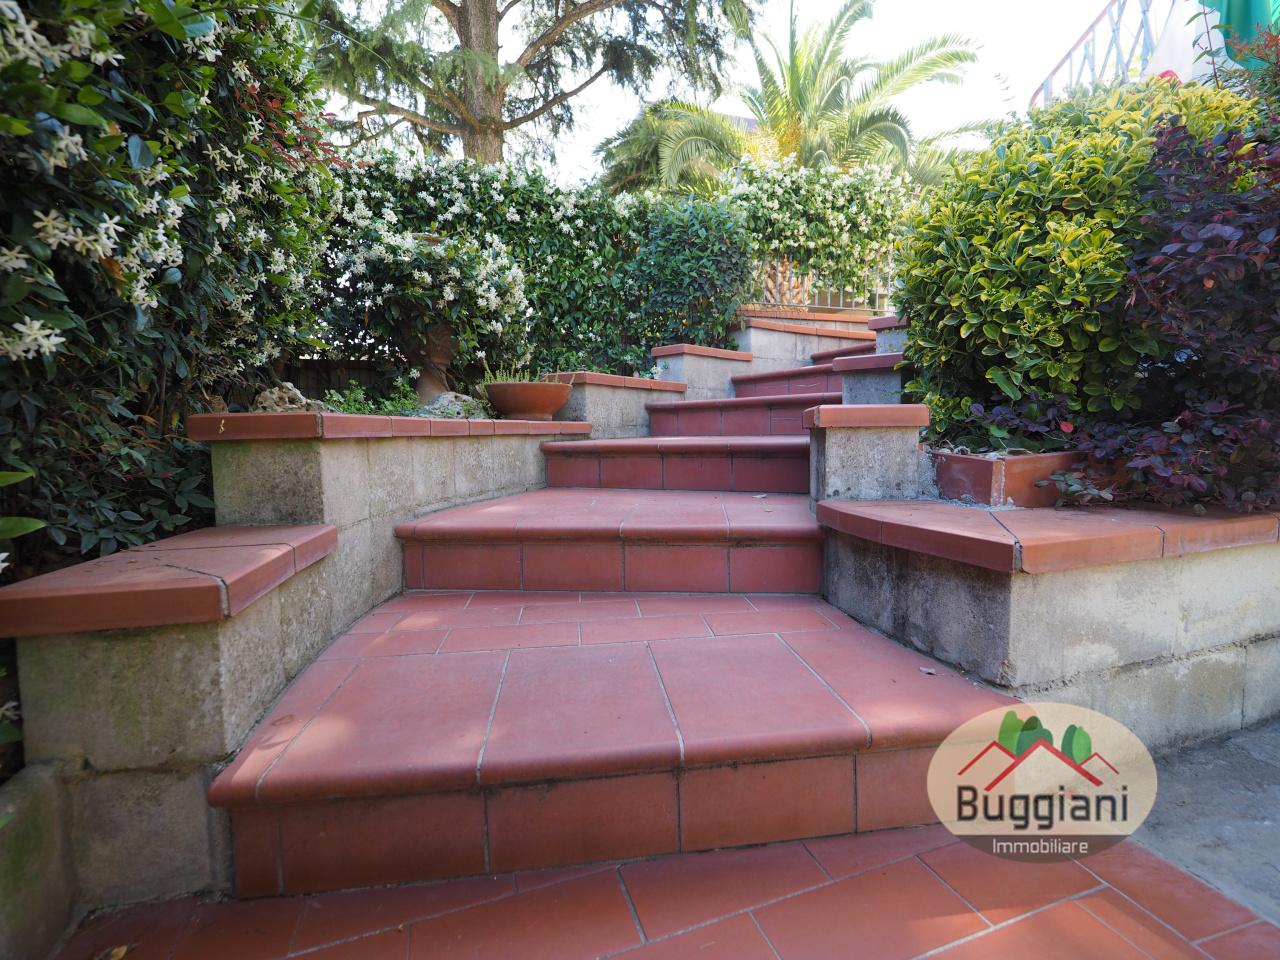 Appartamento in vendita RIF. 2138, San Miniato (PI)